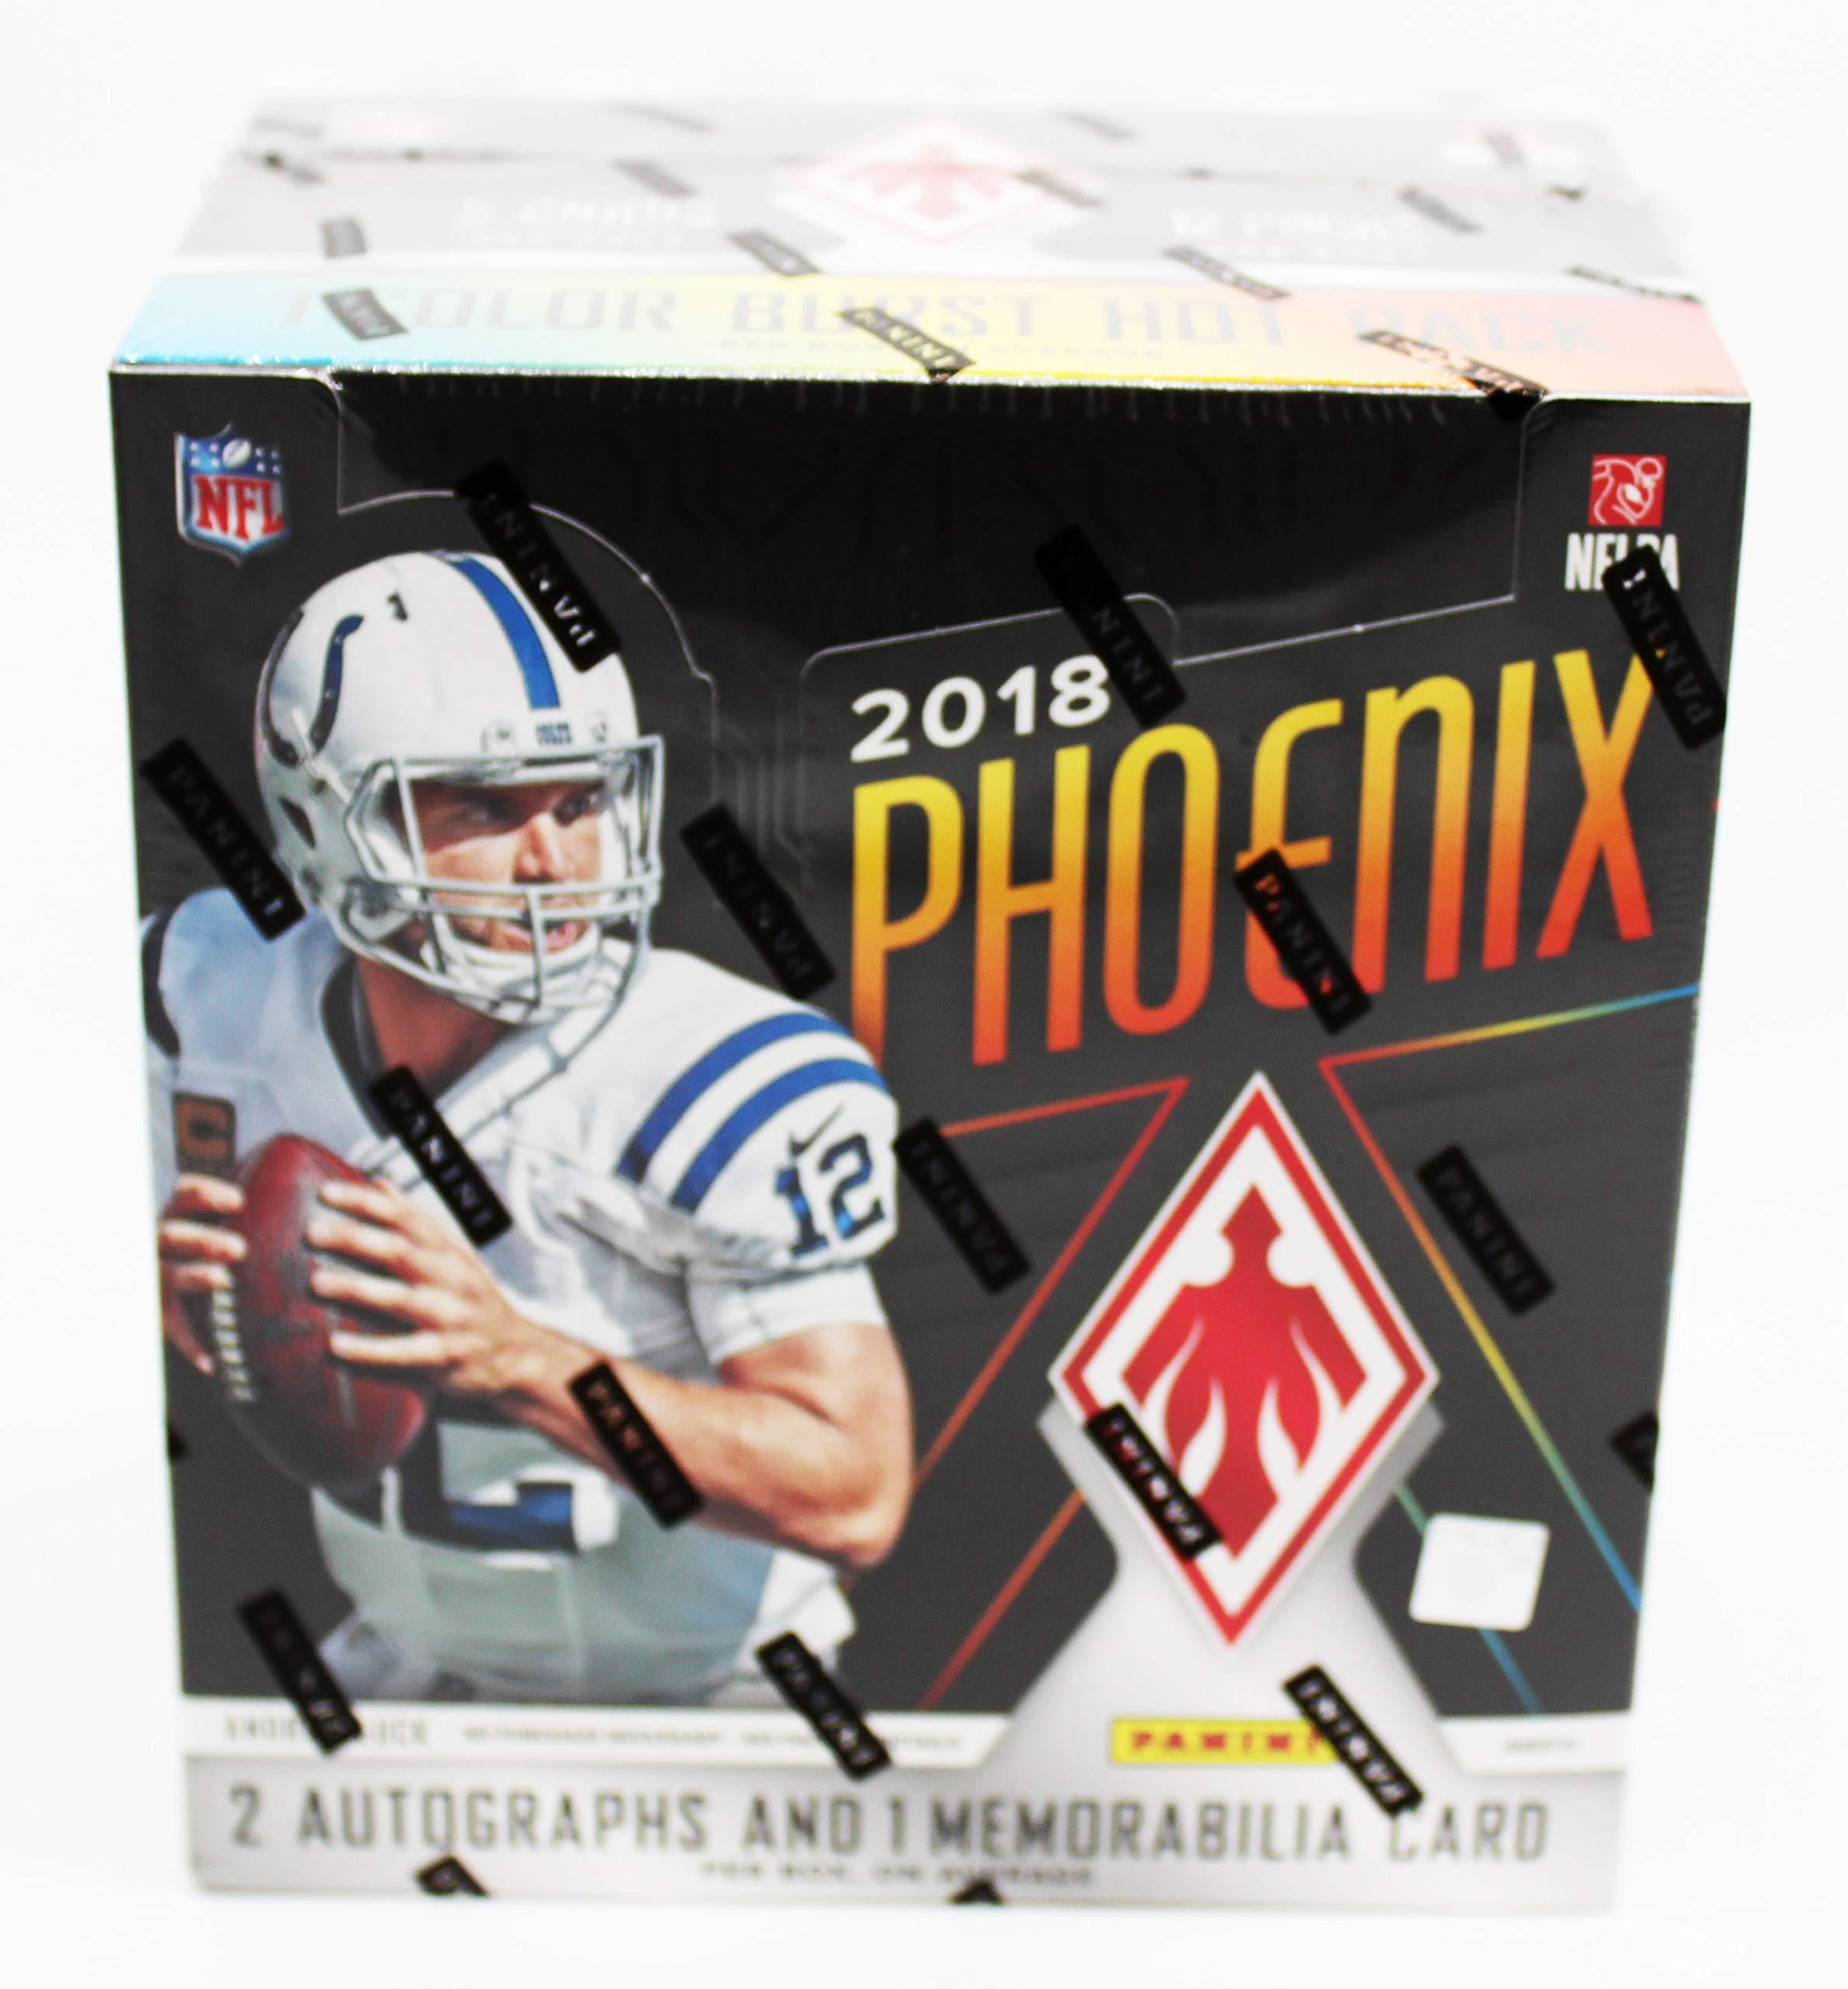 2018 Panini Phoenix NFL Football Factory Sealed Hobby Box